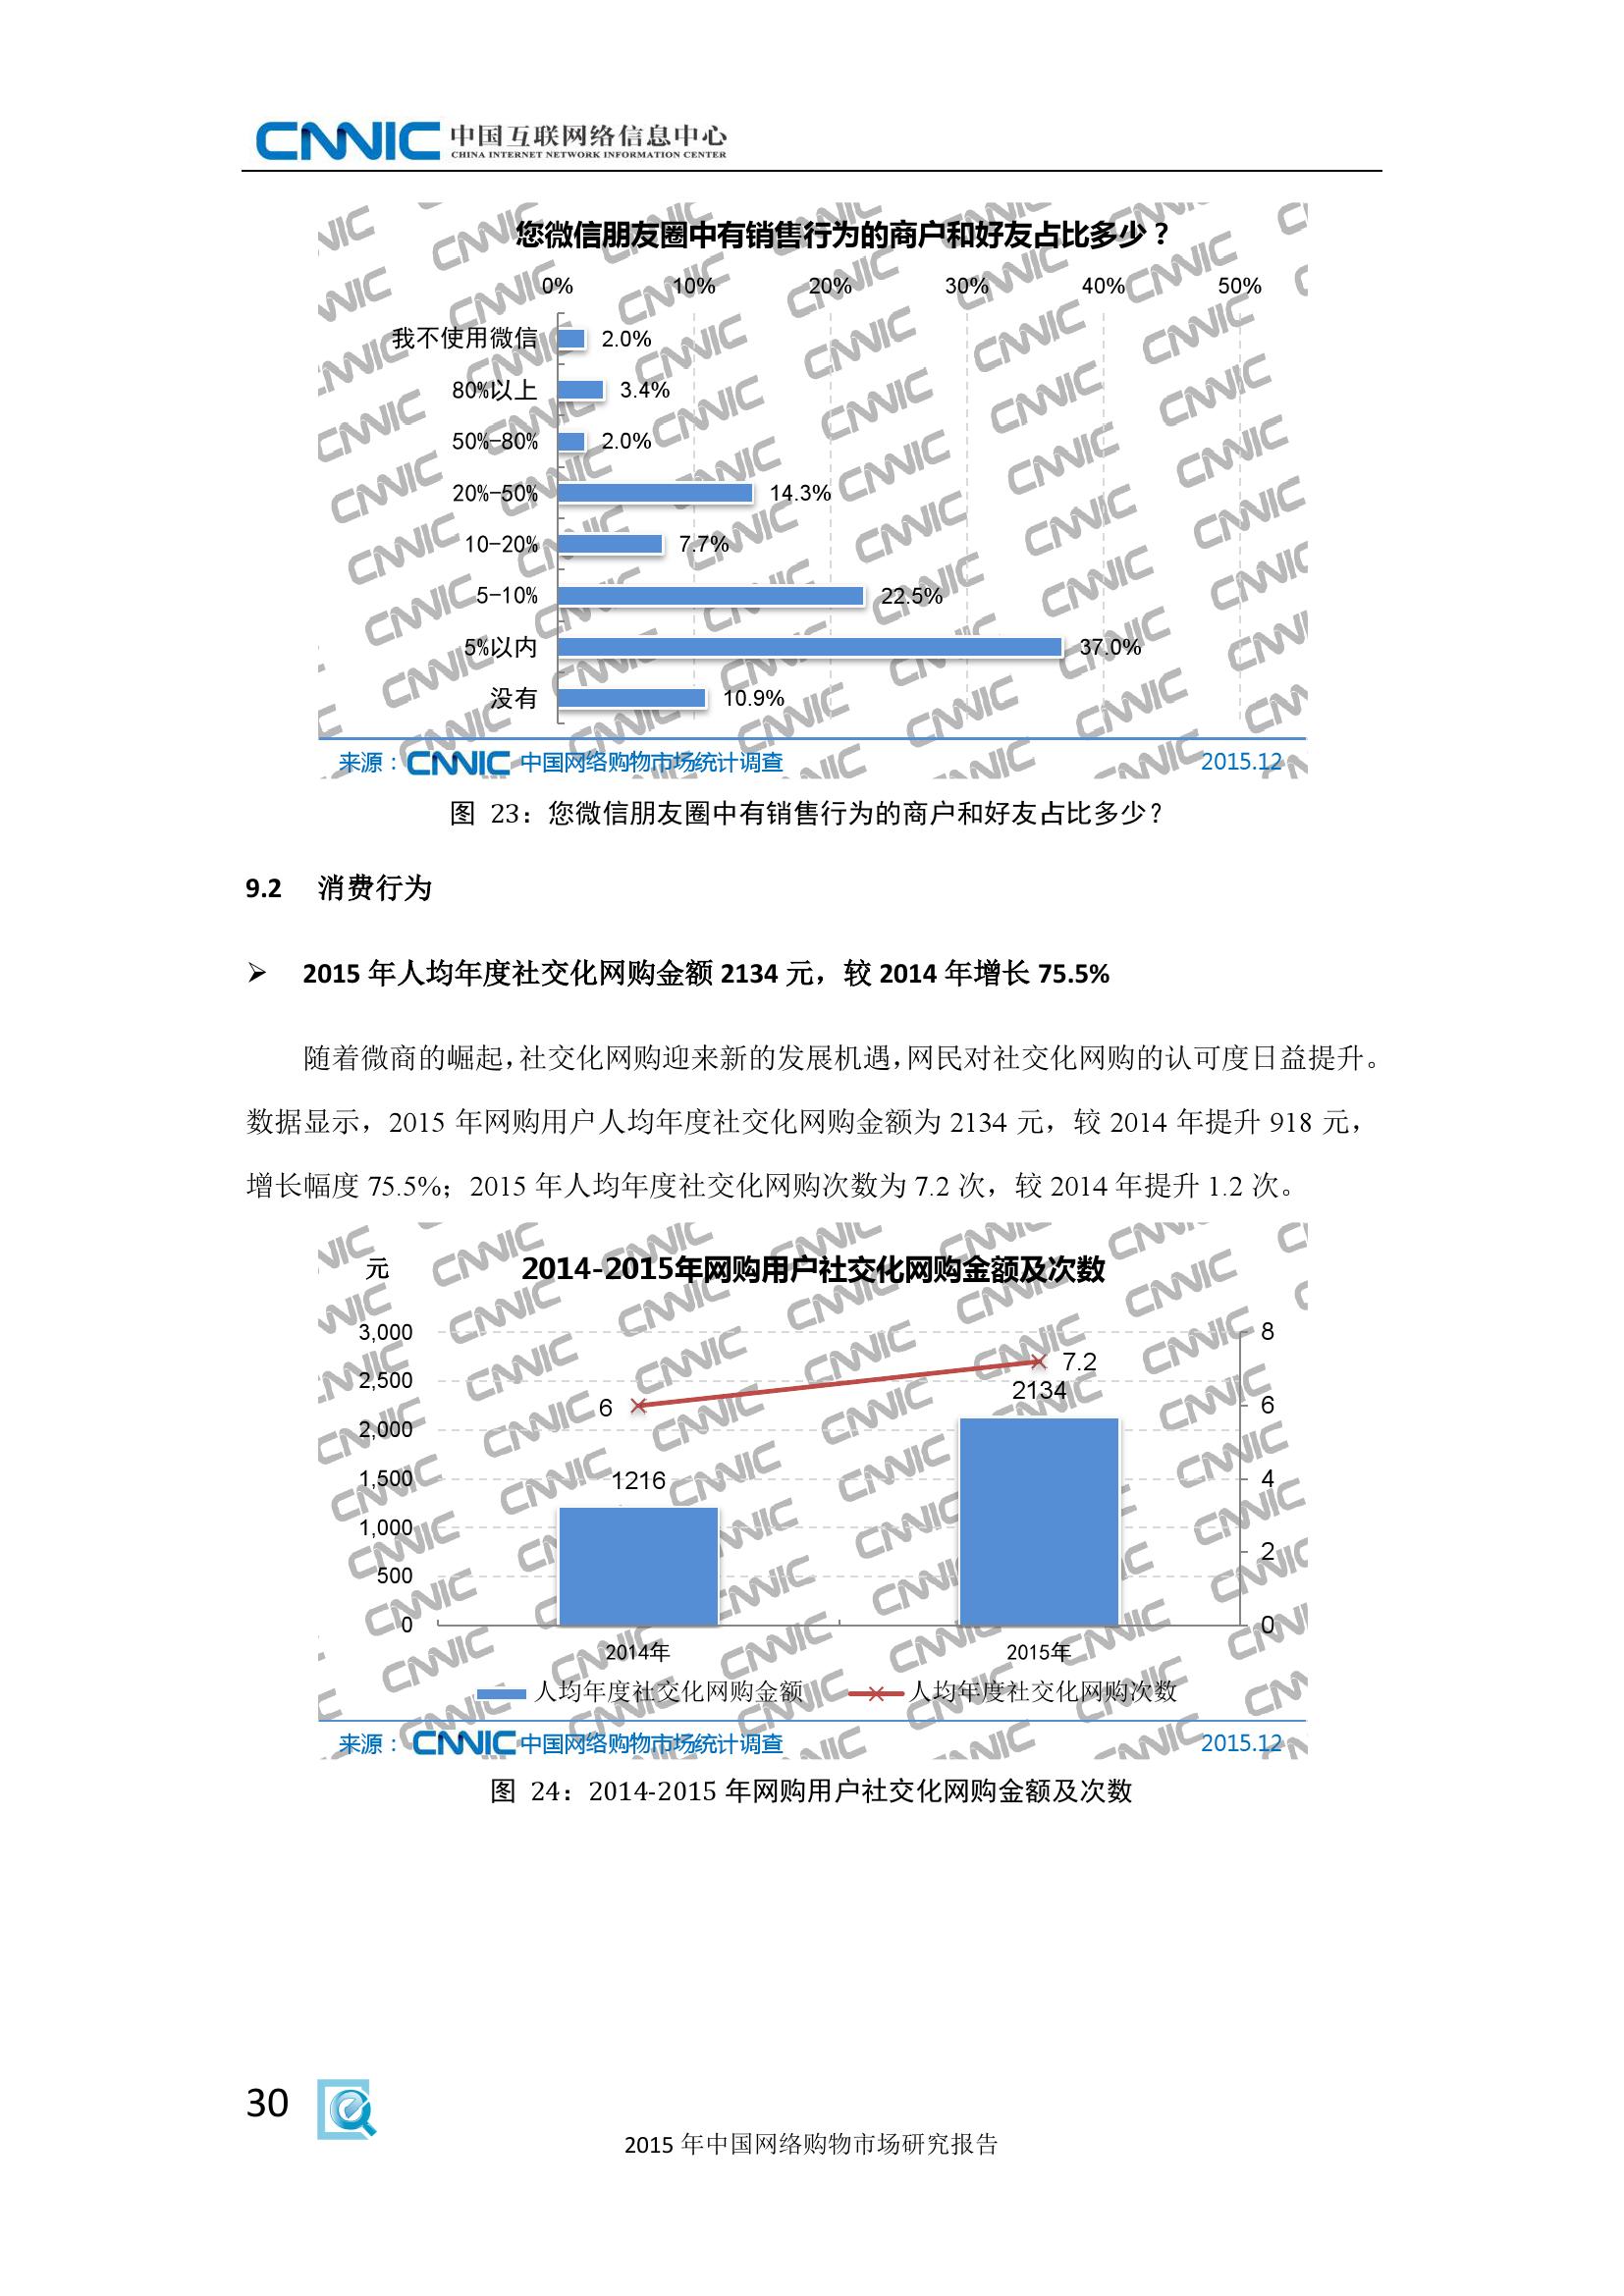 2015年中国网络购物市场研究报告_000038